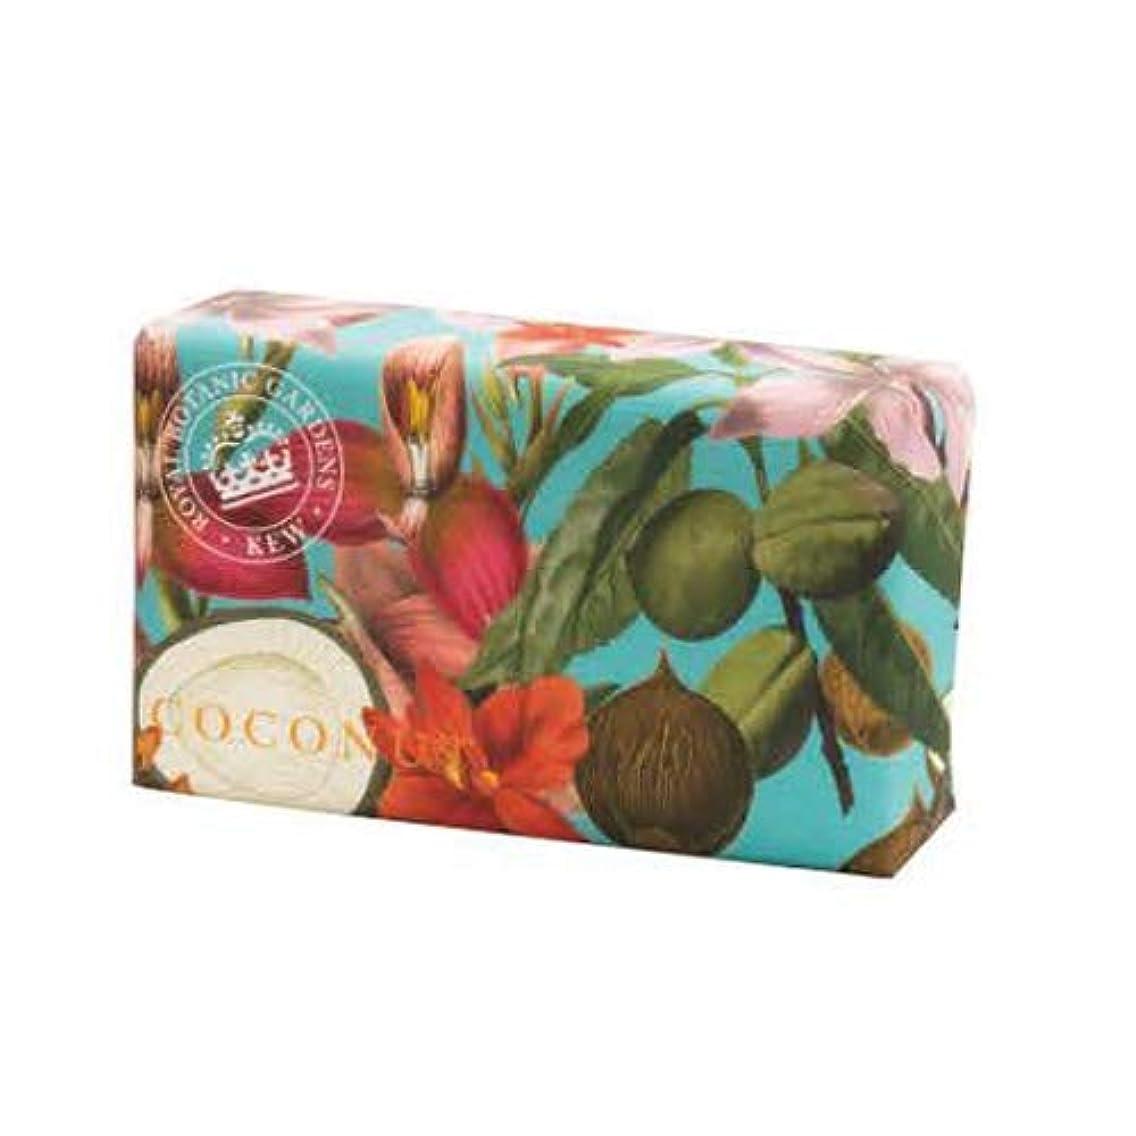 ロマンスモスク全部English Soap Company イングリッシュソープカンパニー KEW GARDEN キュー?ガーデン Luxury Shea Soaps シアソープ Coconut ココナッツ